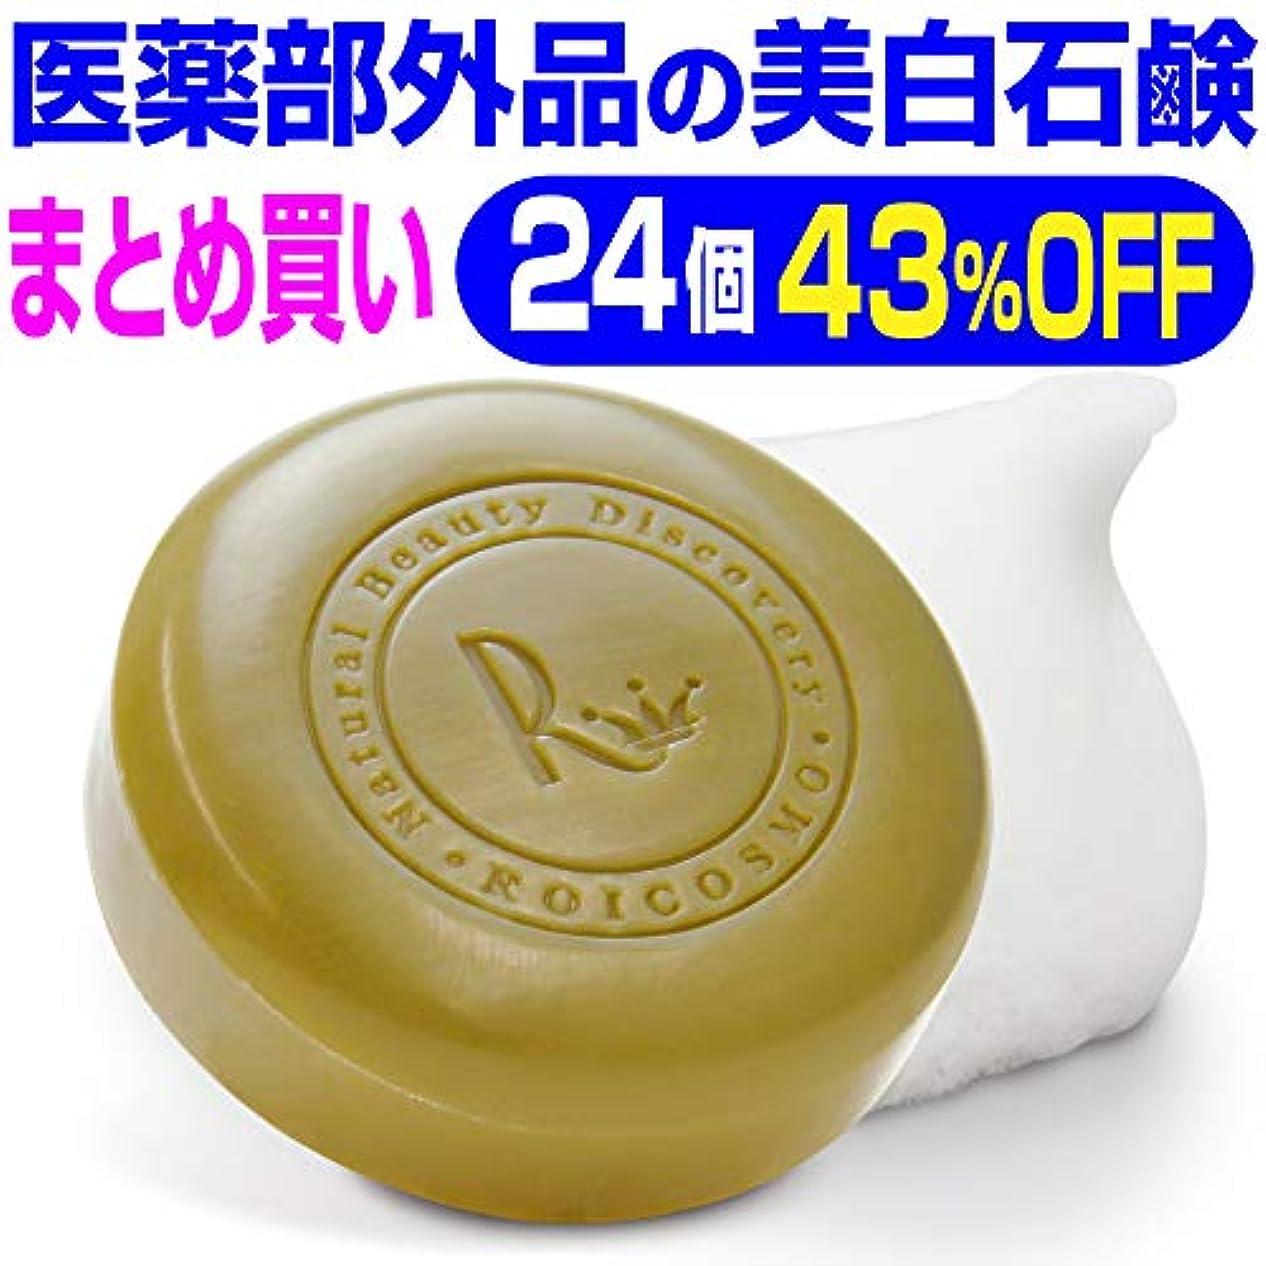 胸排出トランペット24個まとめ買い43%OFF 美白石鹸/ビタミンC270倍の美白成分配合の 洗顔石鹸『ホワイトソープ100g×24個』